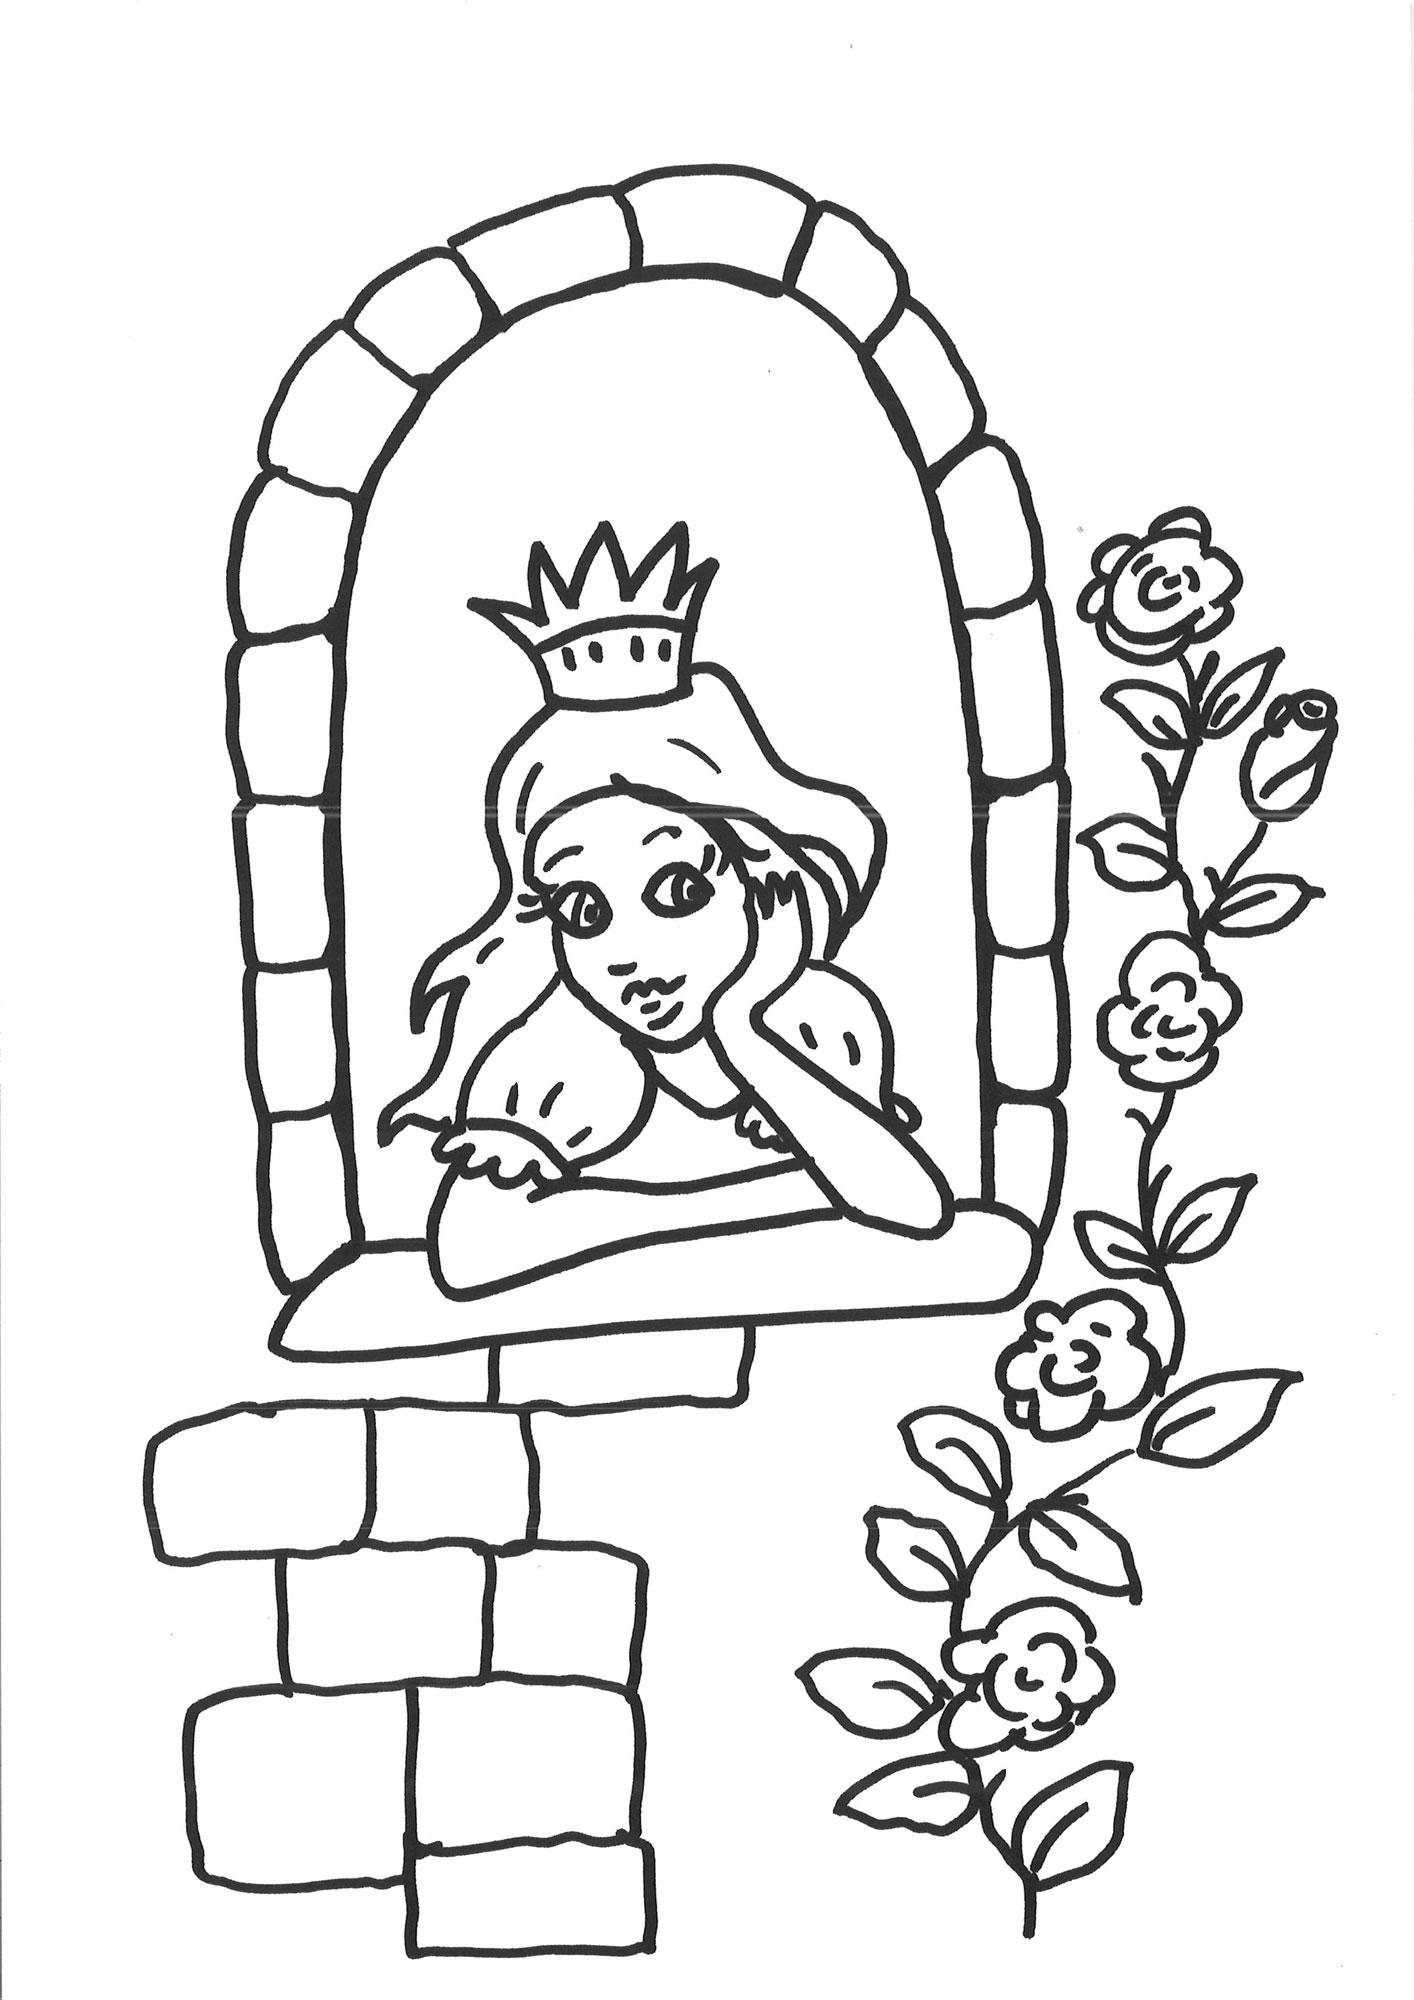 Prinzessin Ausmalbilder Zum Drucken Kostenlos : Ausmalbild Prinzessin Prinzessin Am Fenster Ausmalen Kostenlos